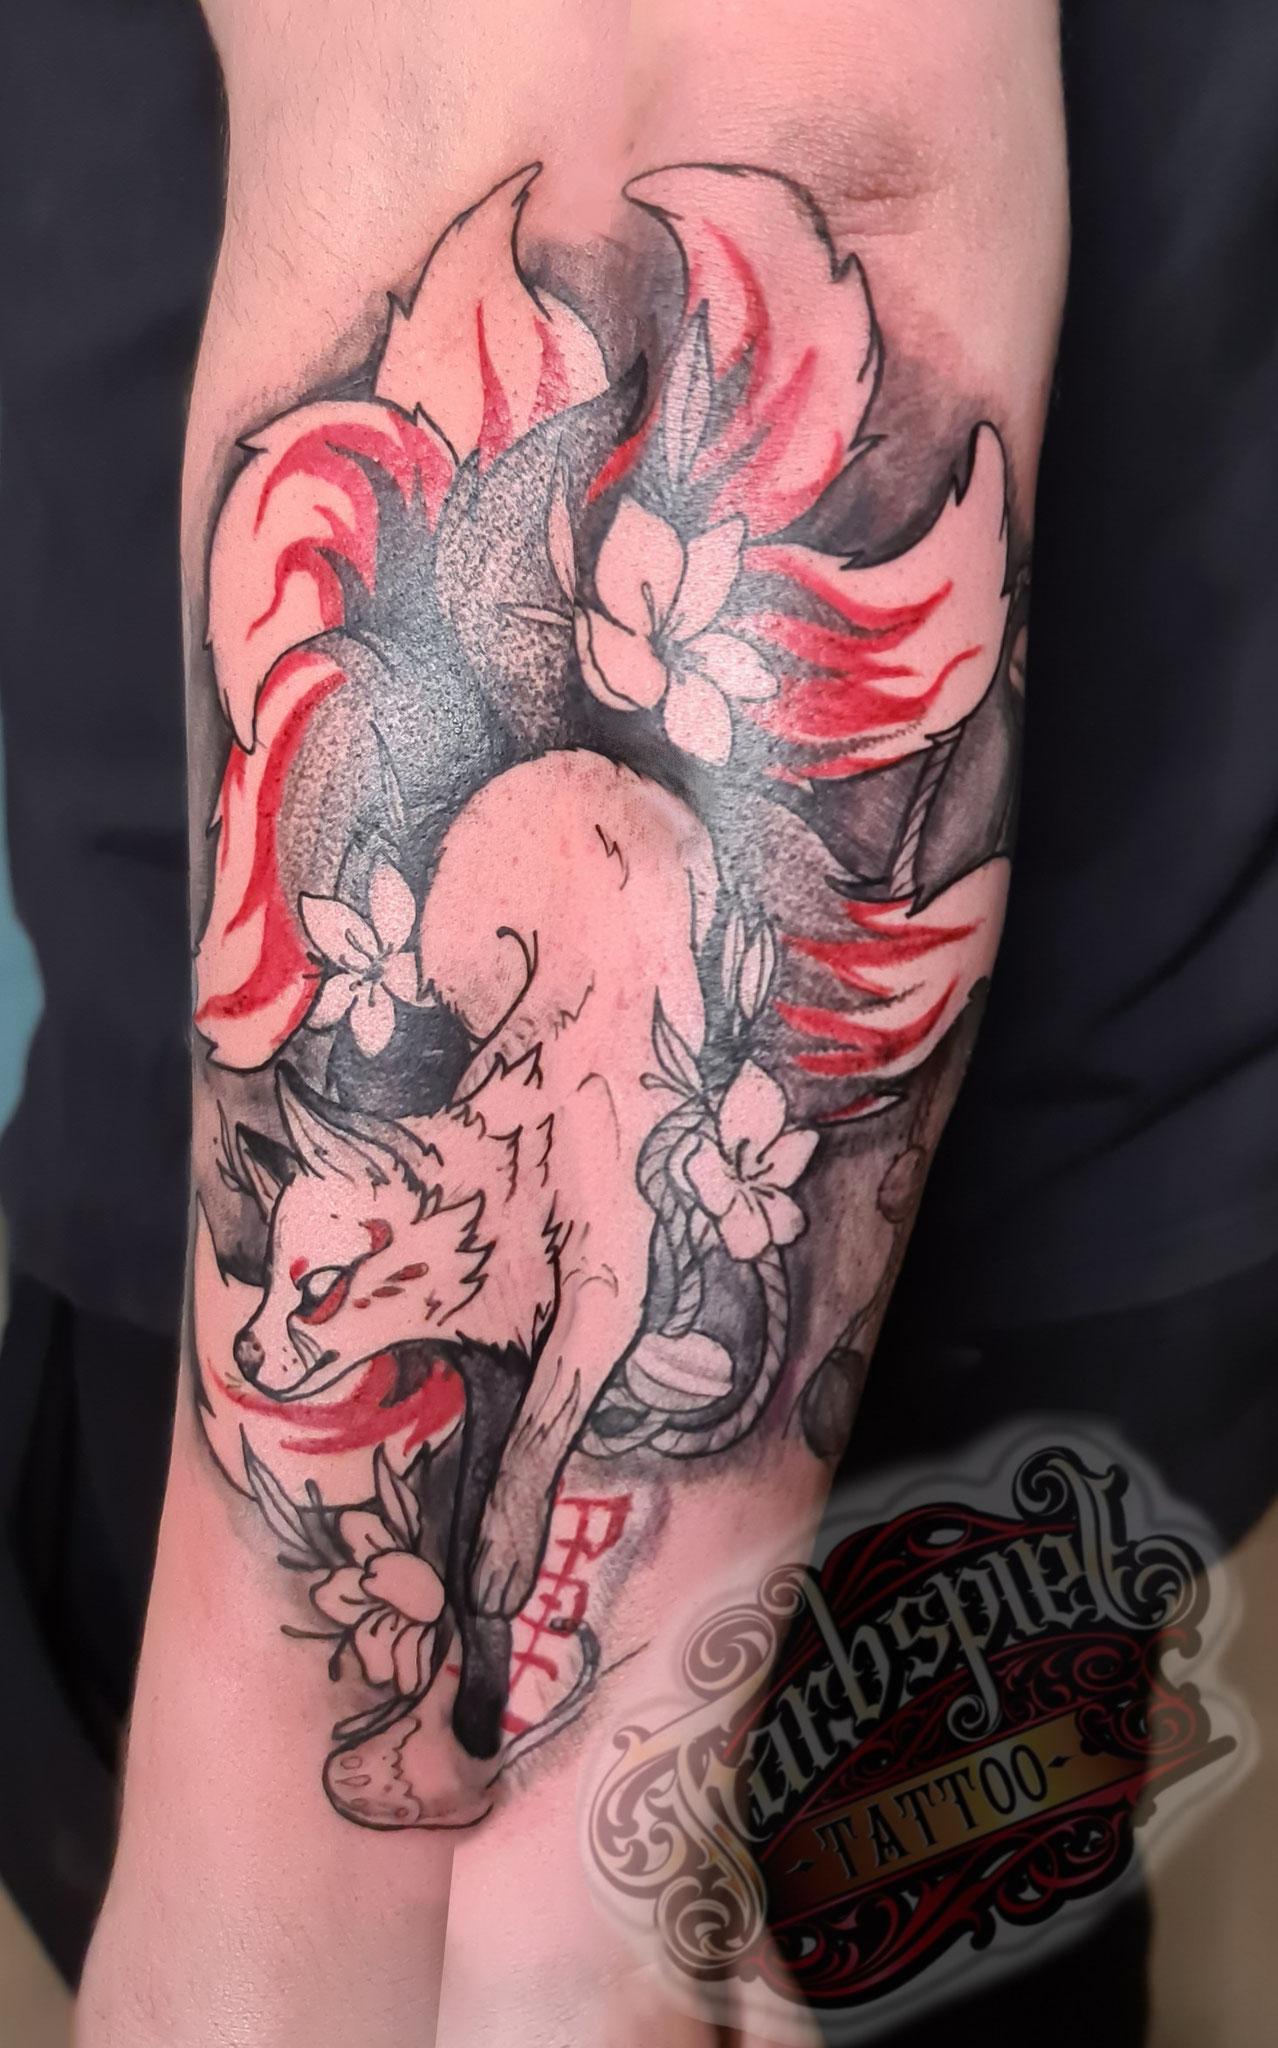 #kitsune #kitsunetattoo #farbspieltattoo